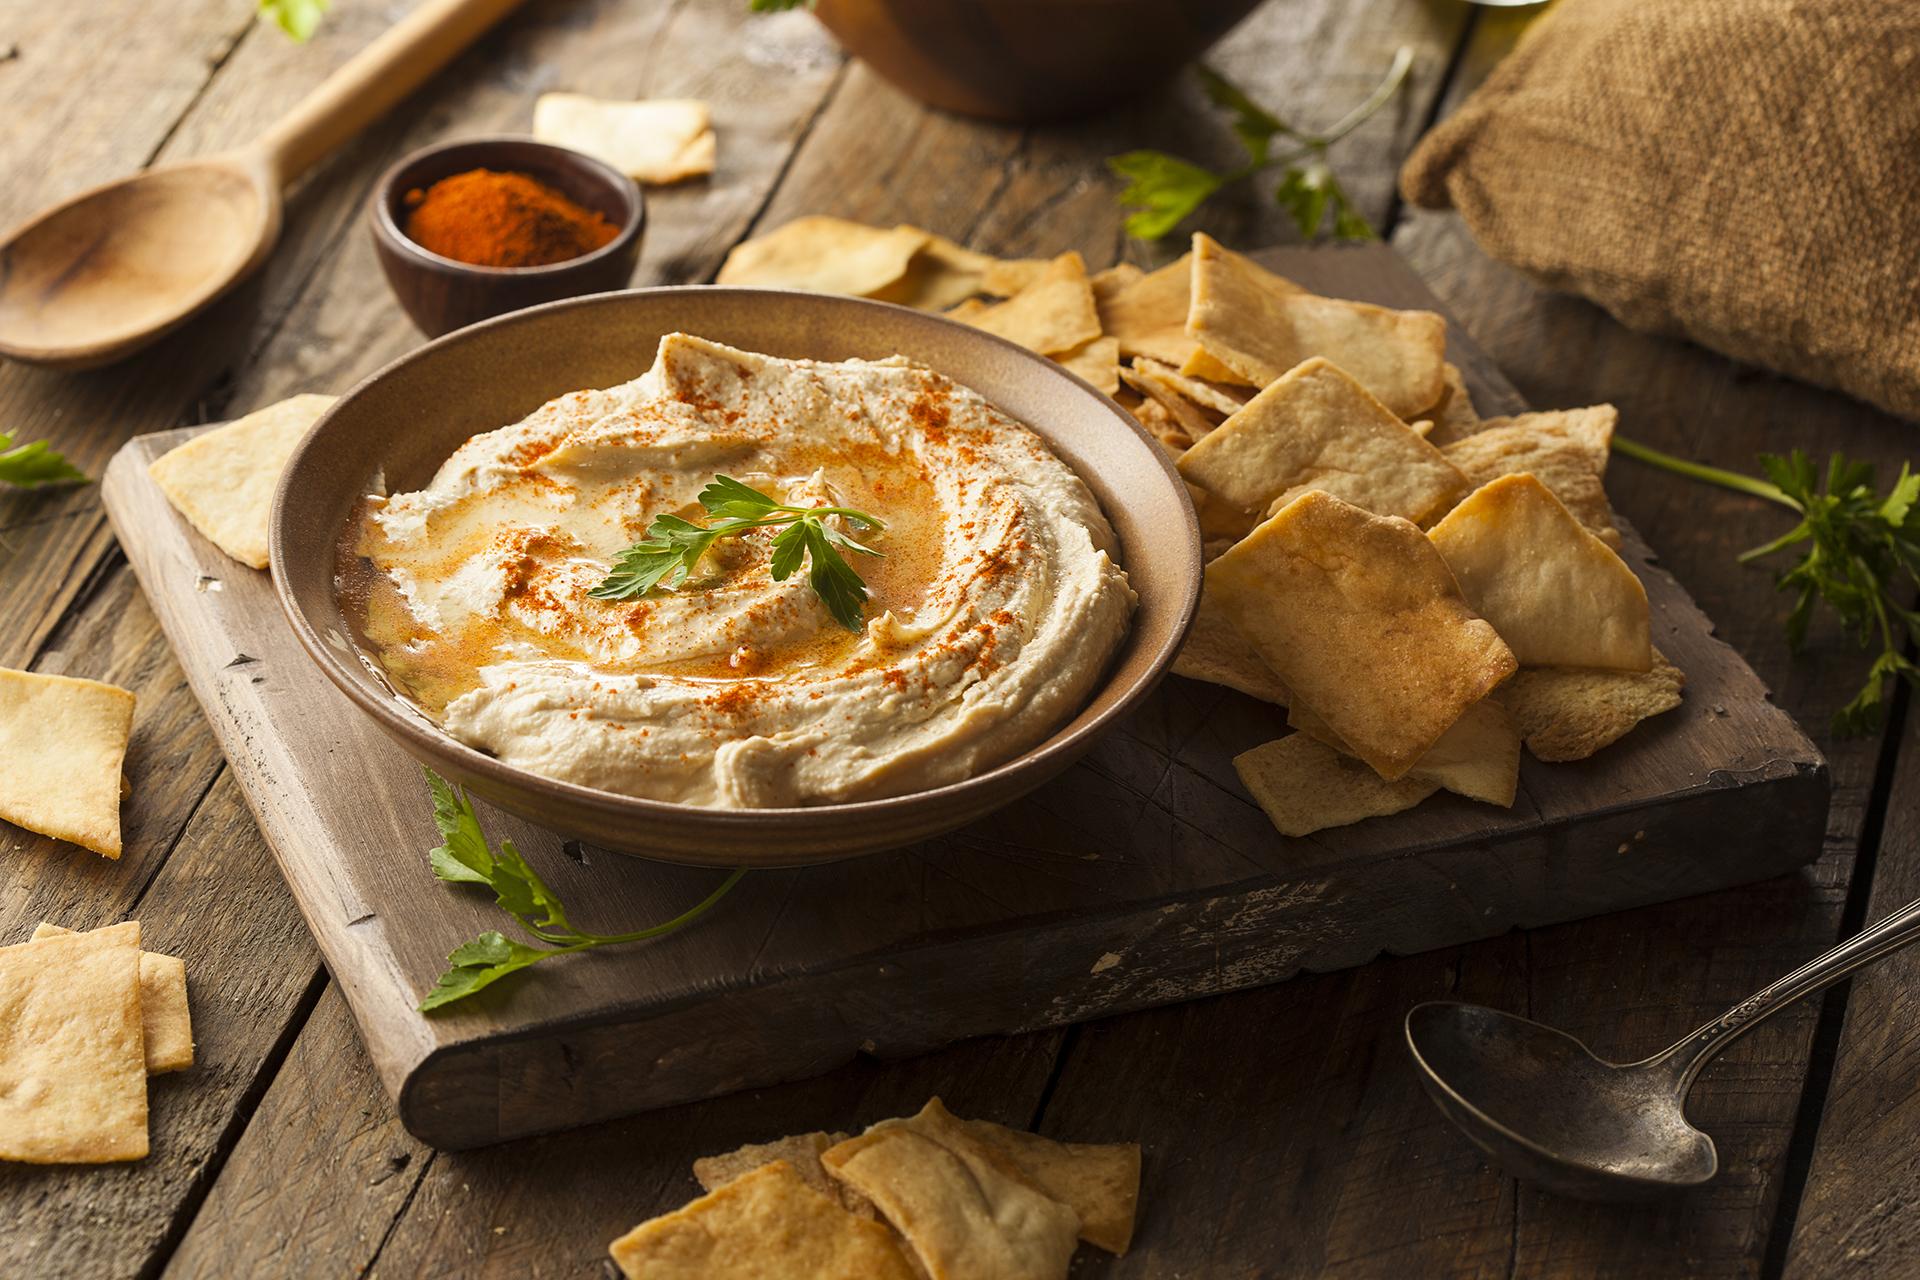 El hummus es una crema de puré de garbanzos de Medio Oriente, hecha con ajo, jugo de limón y tahini. La pasta se ha convertido en un elemento básico de las heladeras de todo el mundo